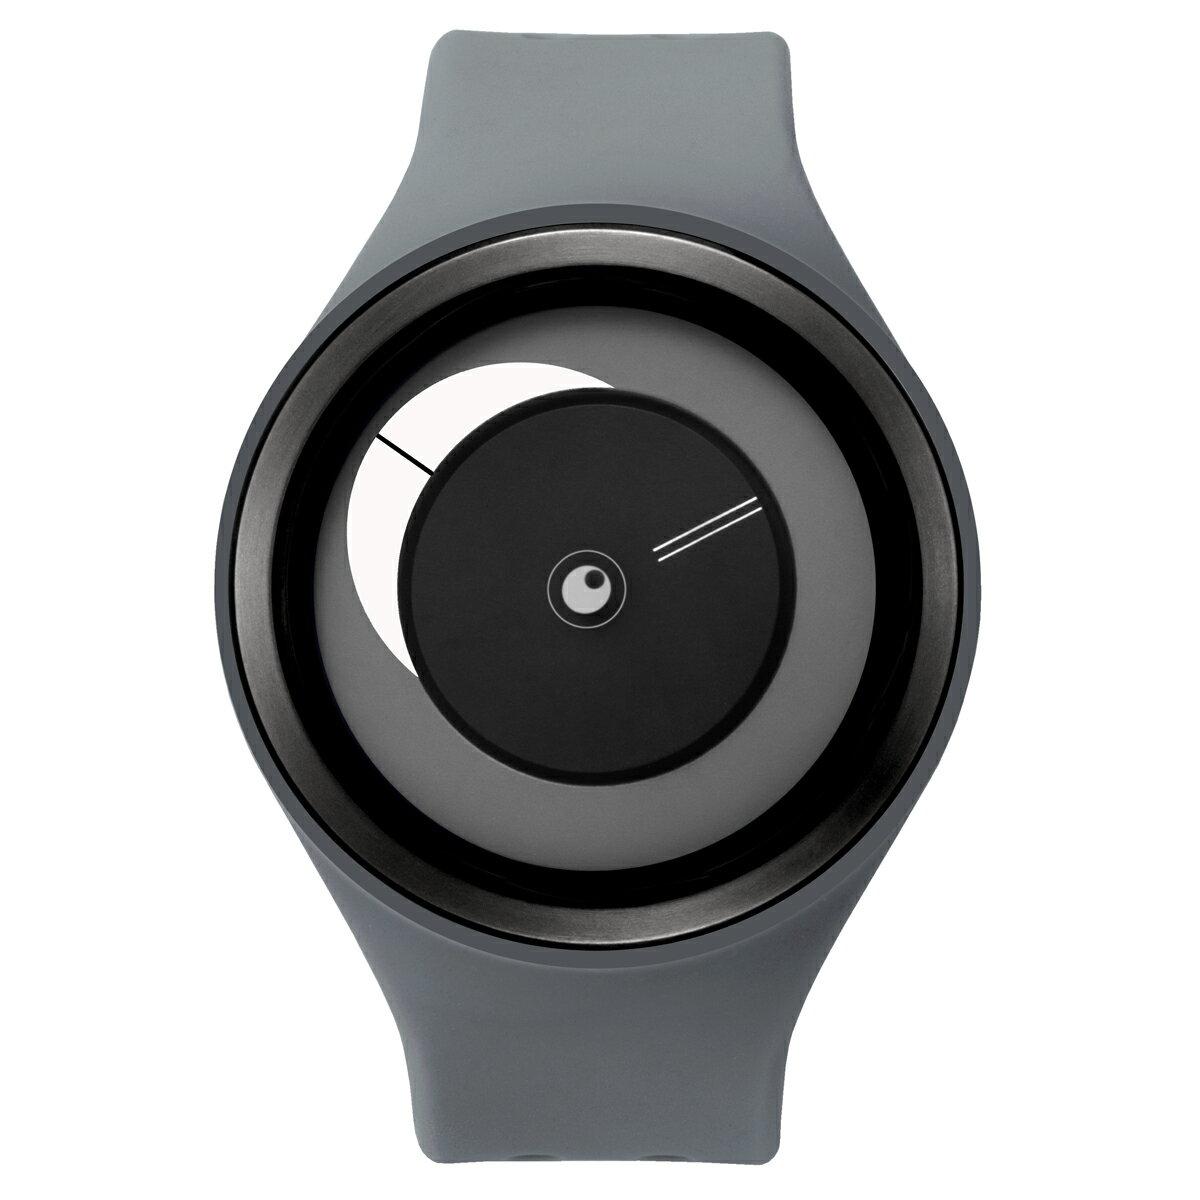 ZEROO CRESCENT MOON ゼロ 電池式クォーツ 腕時計 [W01102B03SR03] グレー デザインウォッチ ペア用 メンズ レディース ユニセックス おしゃれ時計 デザイナーズ